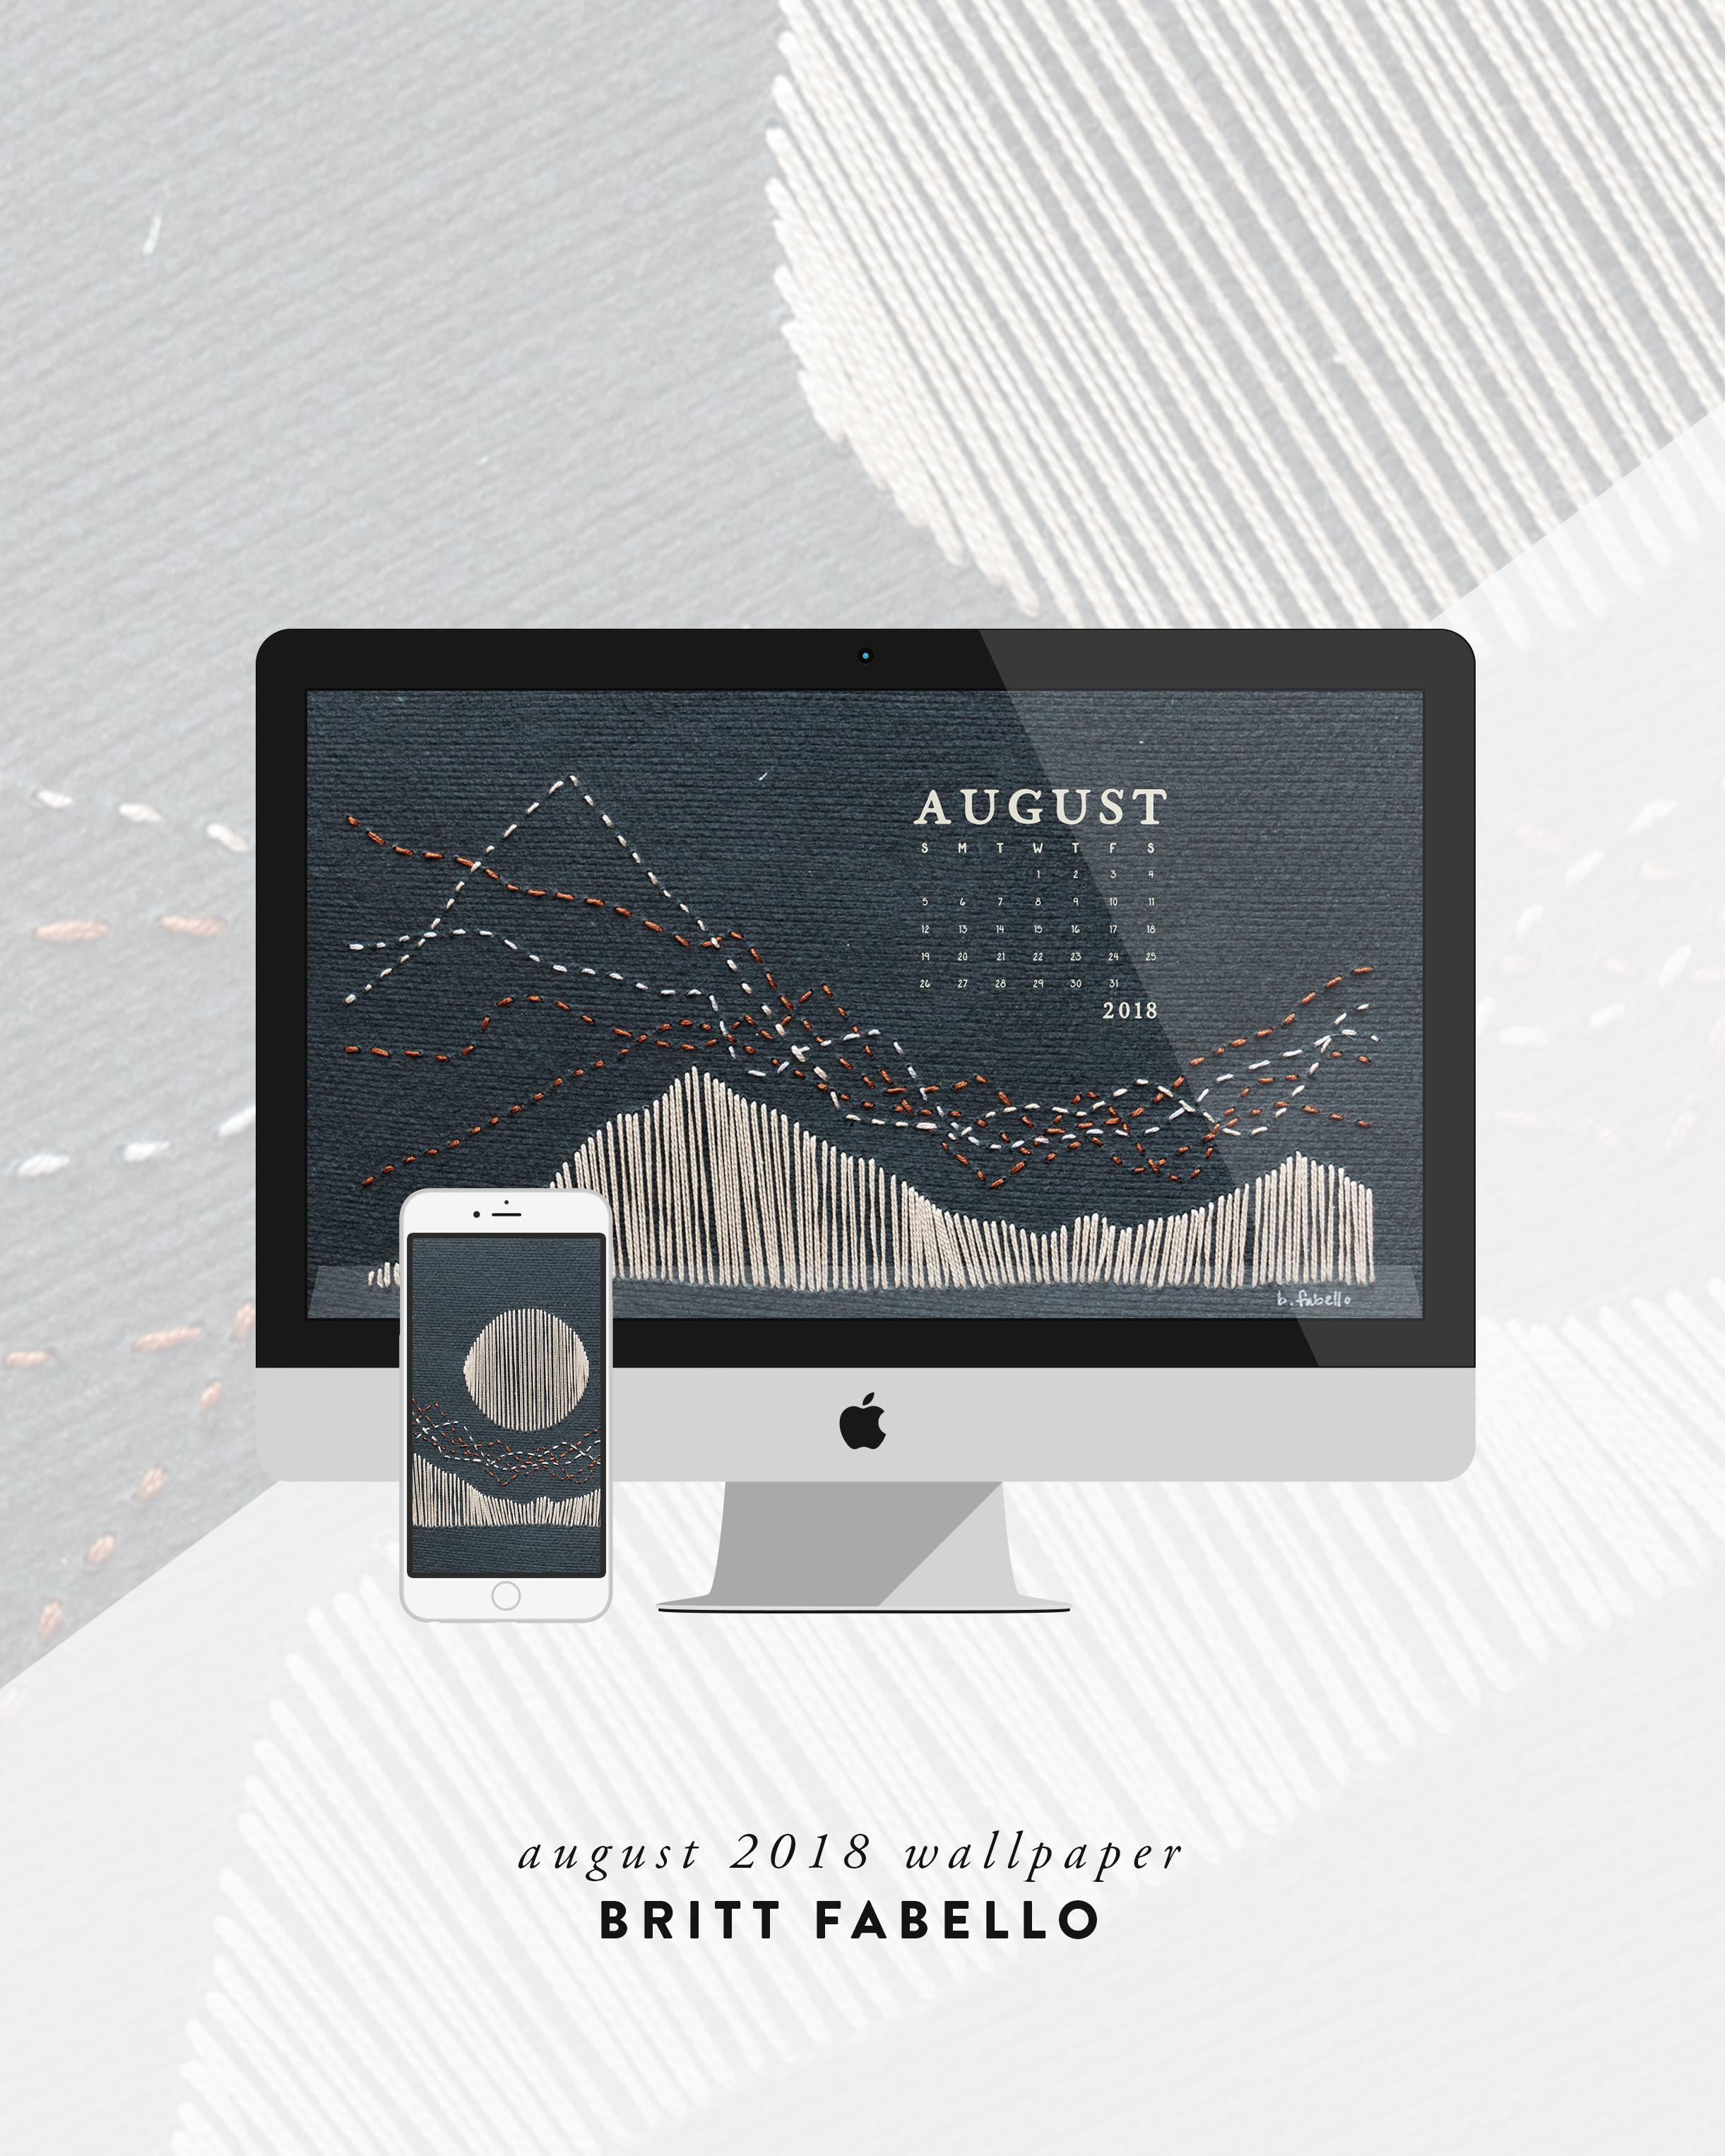 Wallpaper: August 2018 Calendar & Art   Phone & Desktop   Britt Fabello